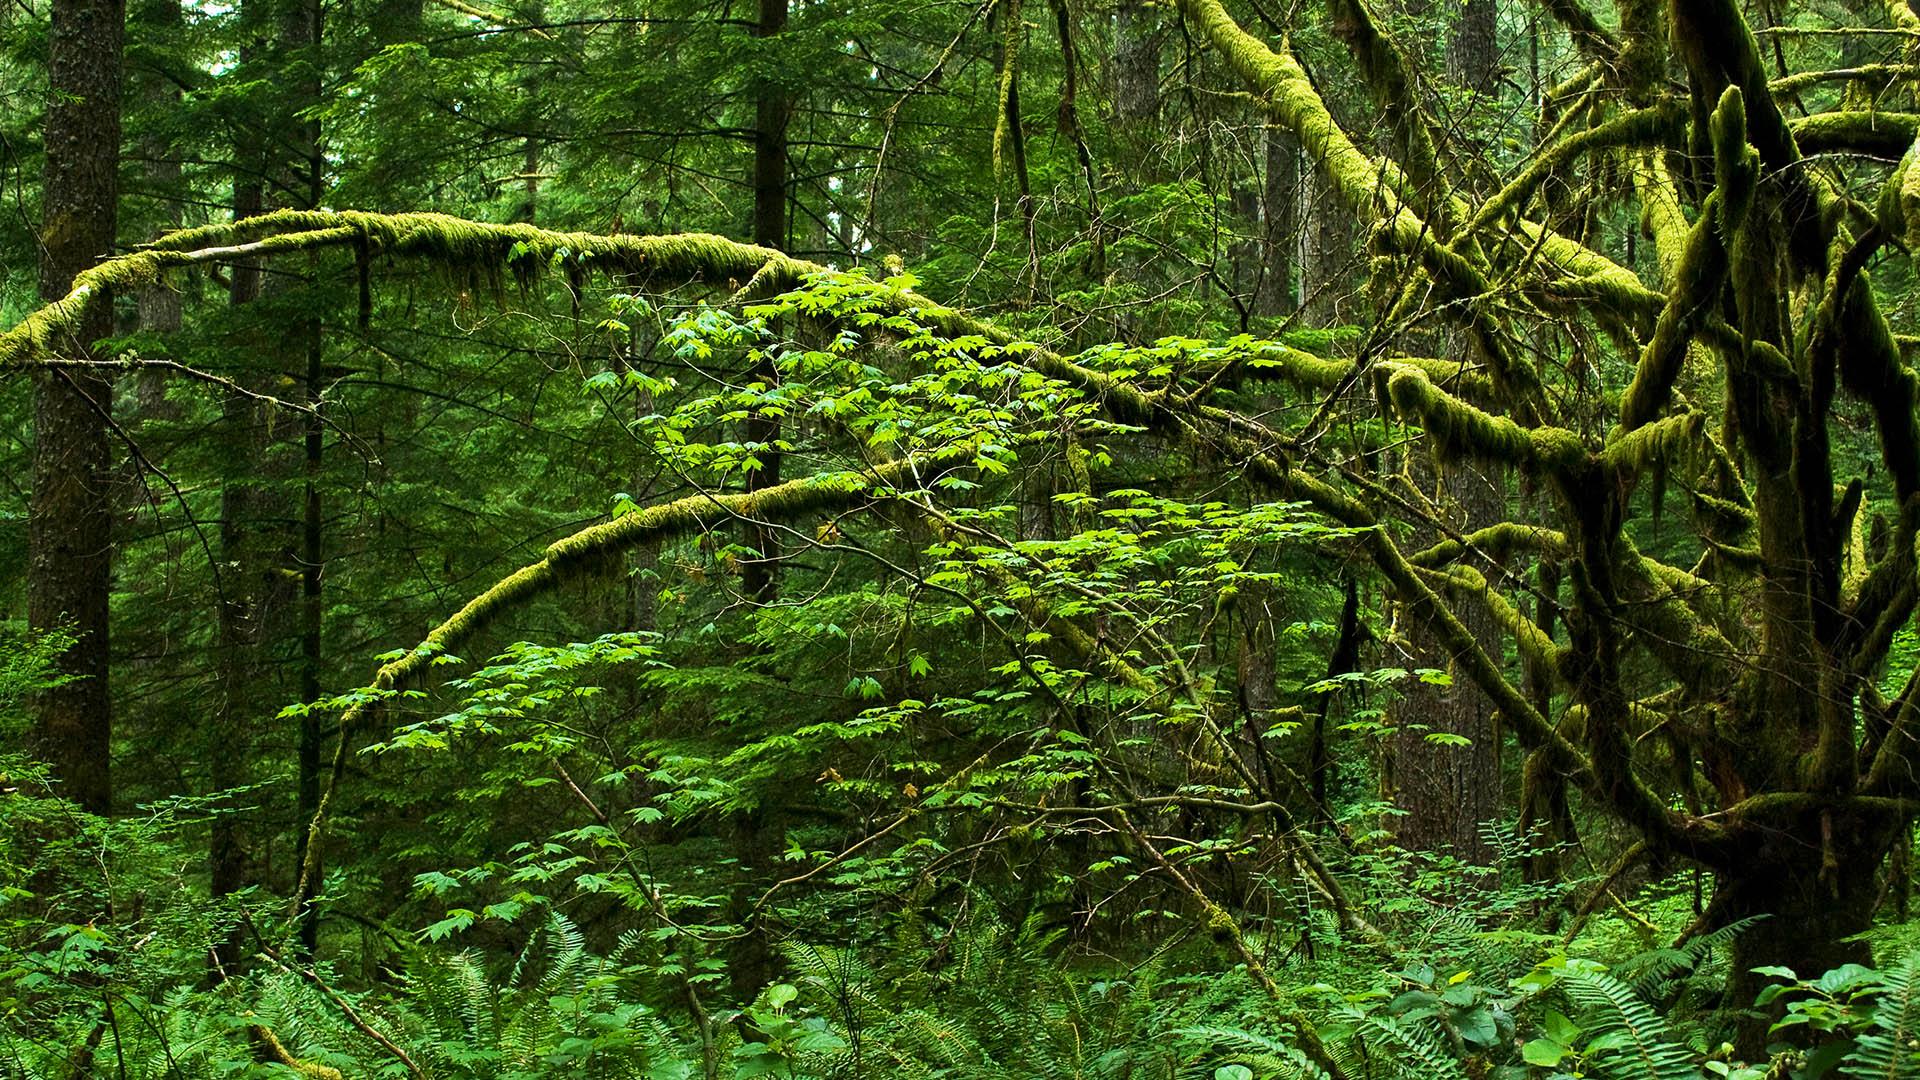 Rainforest Gallery Background